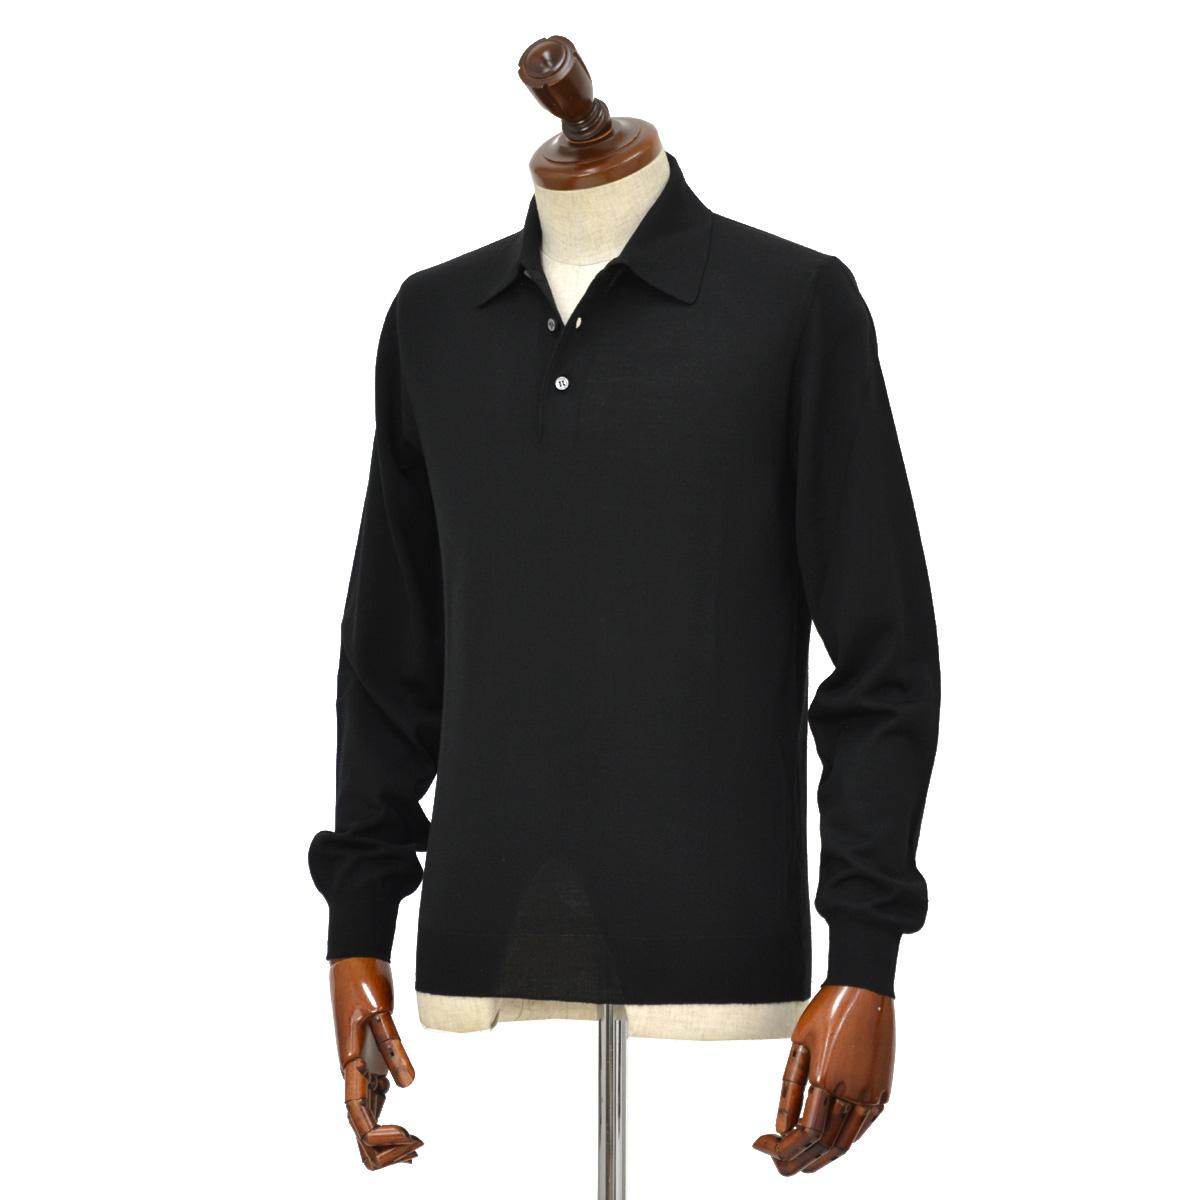 FEDELI【フェデーリ】ハイゲージニットポロシャツ SPORTMAN M.L. LANA 140 7 ウール ブラック